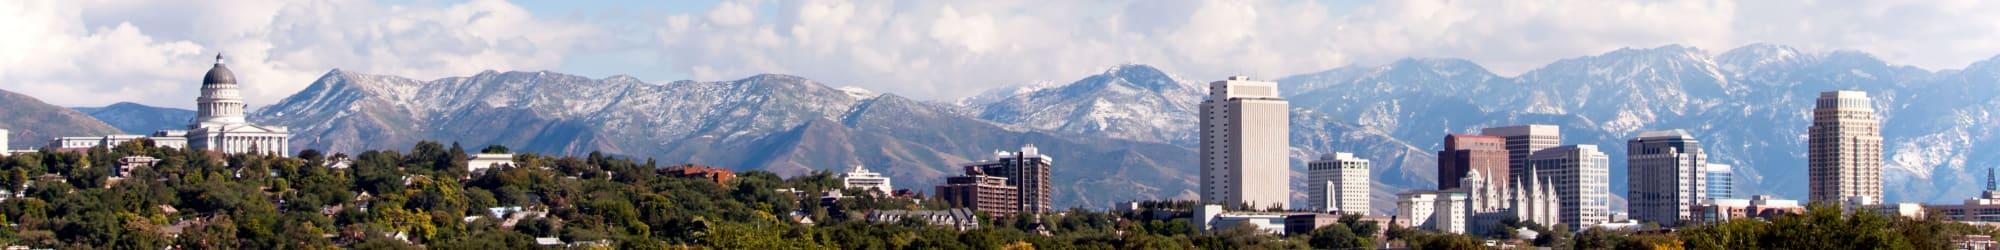 Contact at Liberty SKY in Salt Lake City, Utah